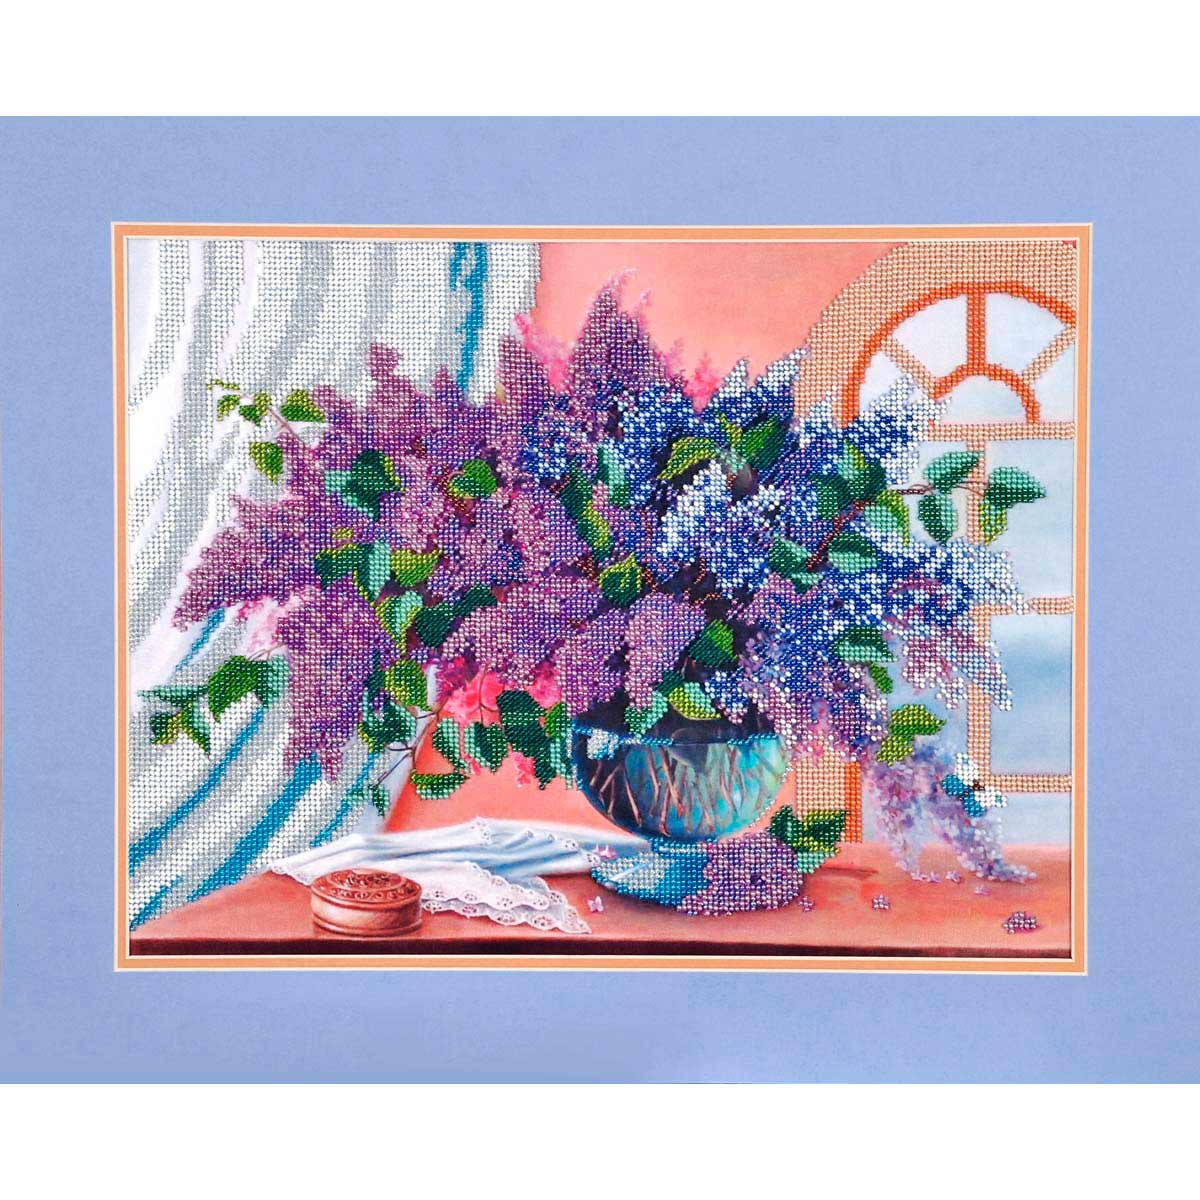 БН-3096 Набор для вышивания бисером Hobby&Pro 'Сирень в натюрморте', 39*30 см